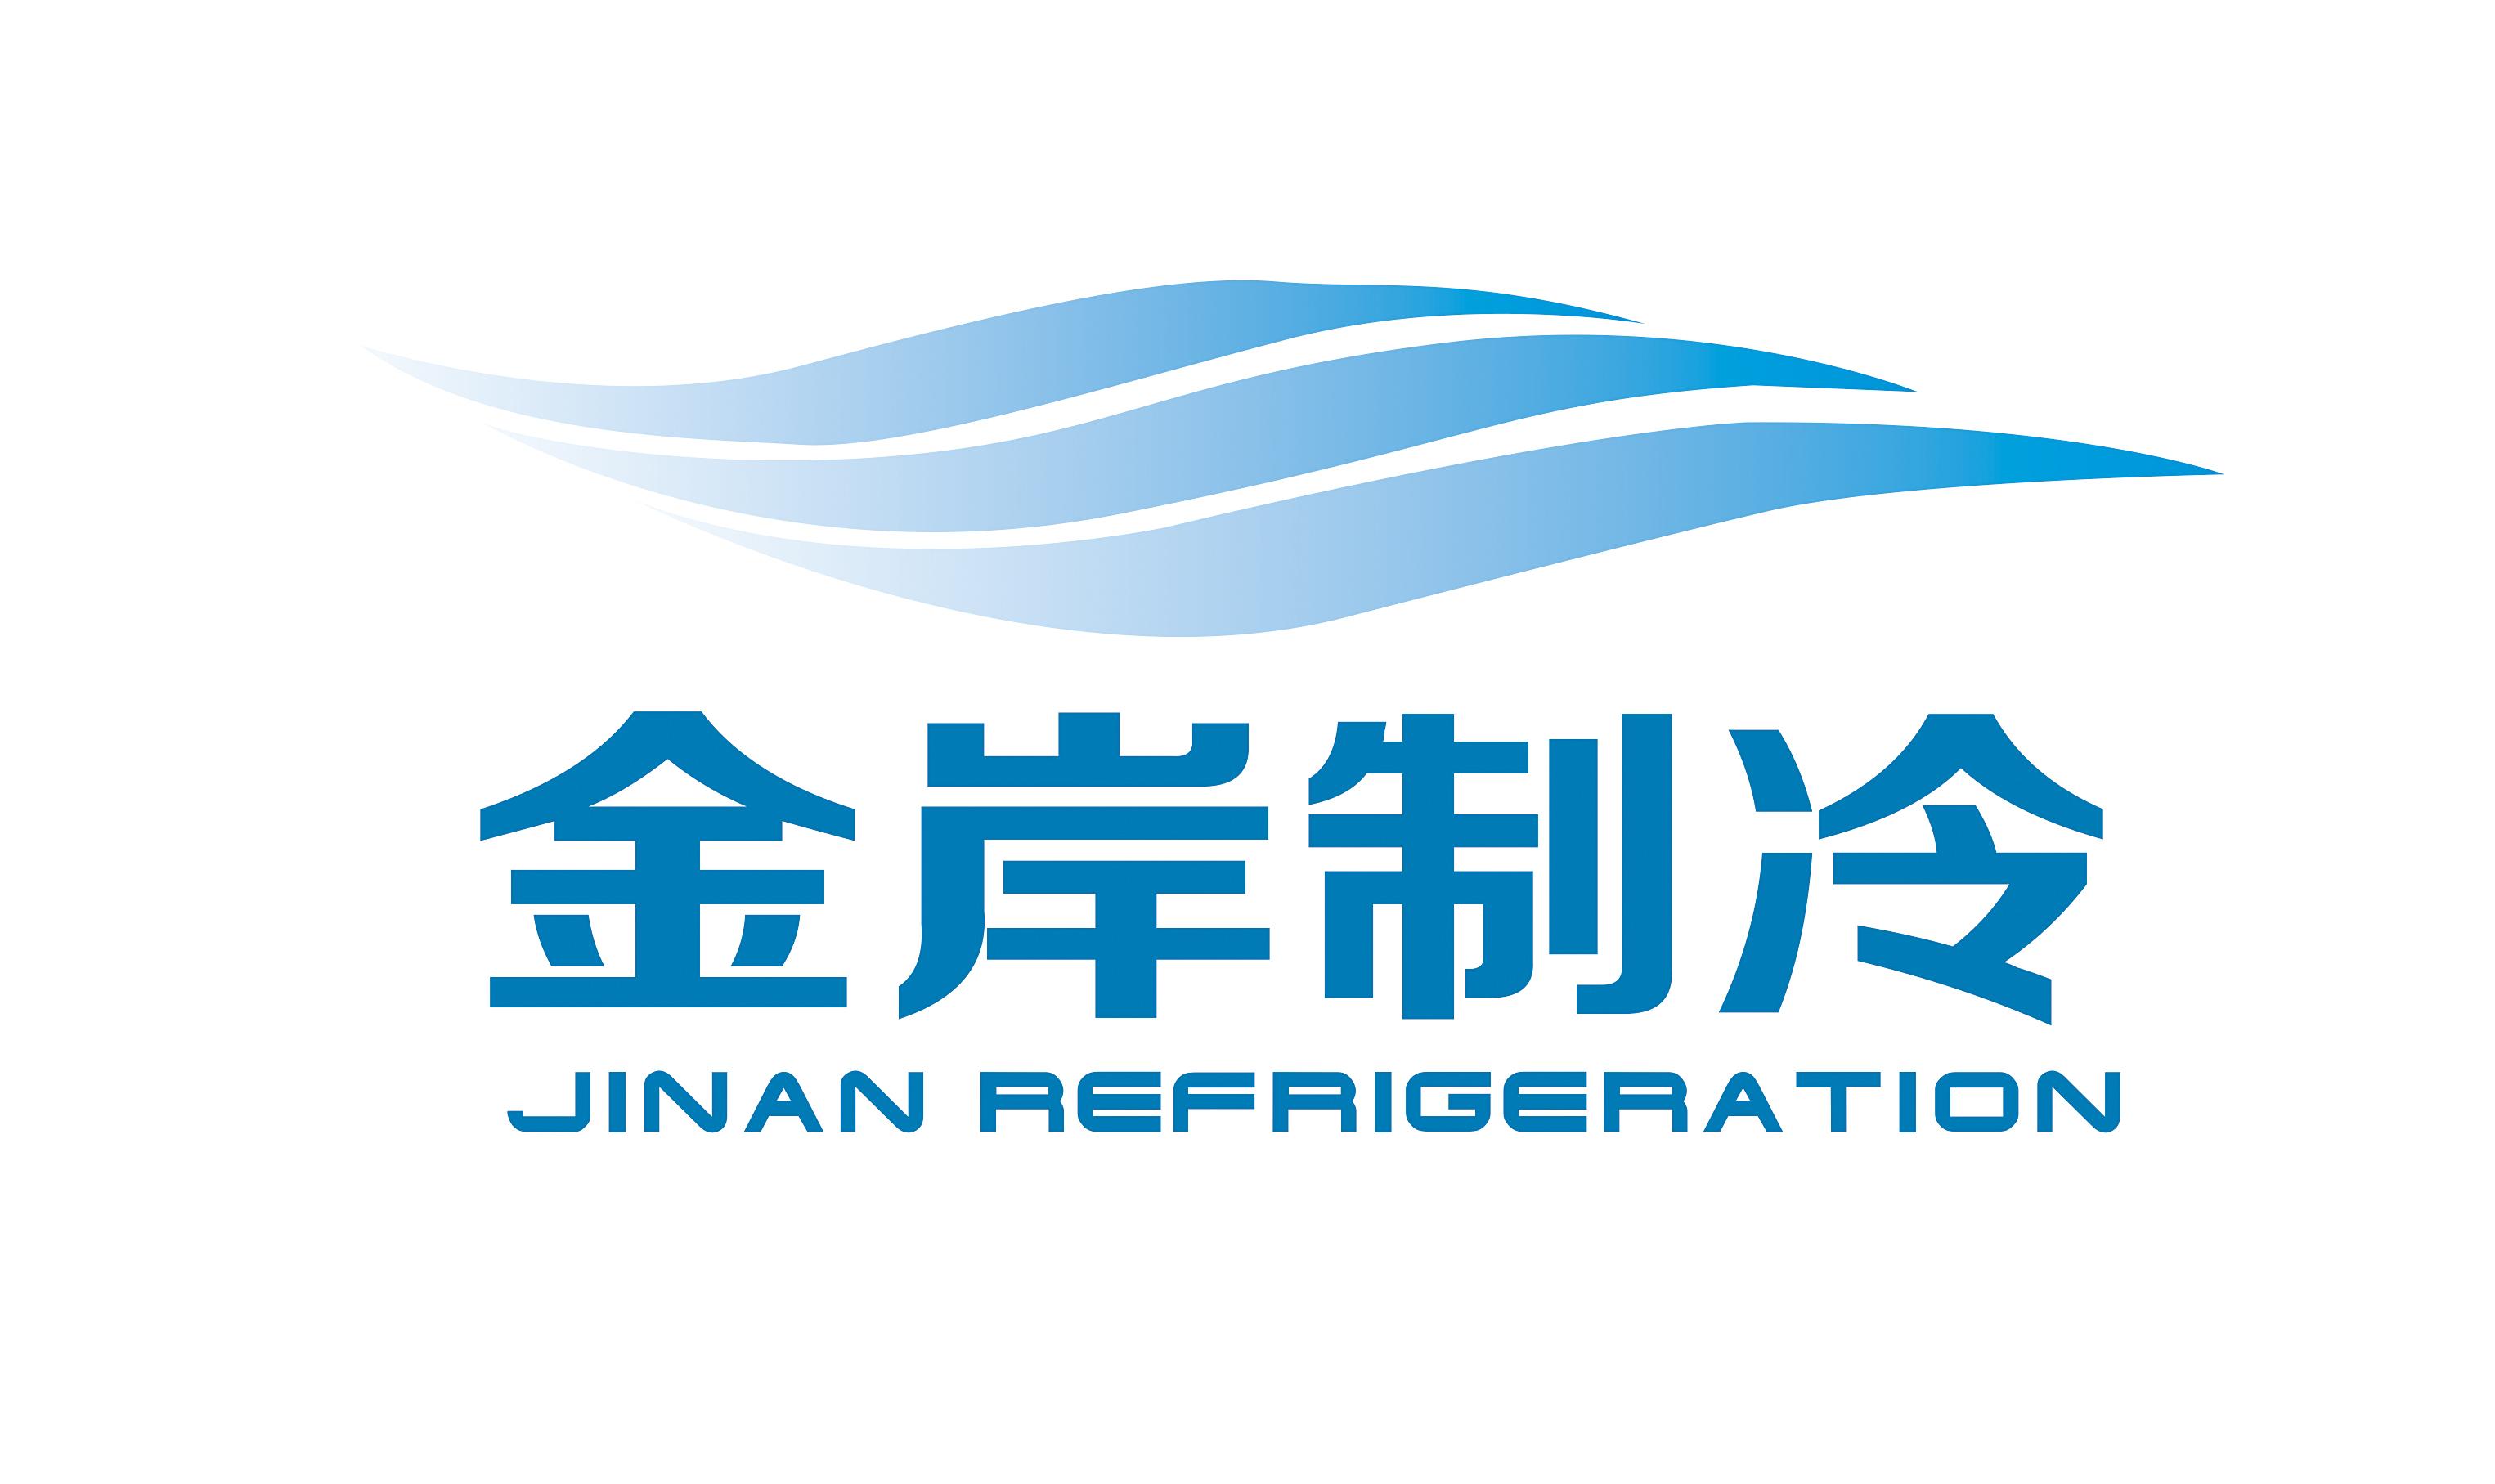 重庆金岸制冷设备有限公司_联英人才网_hrm.cn